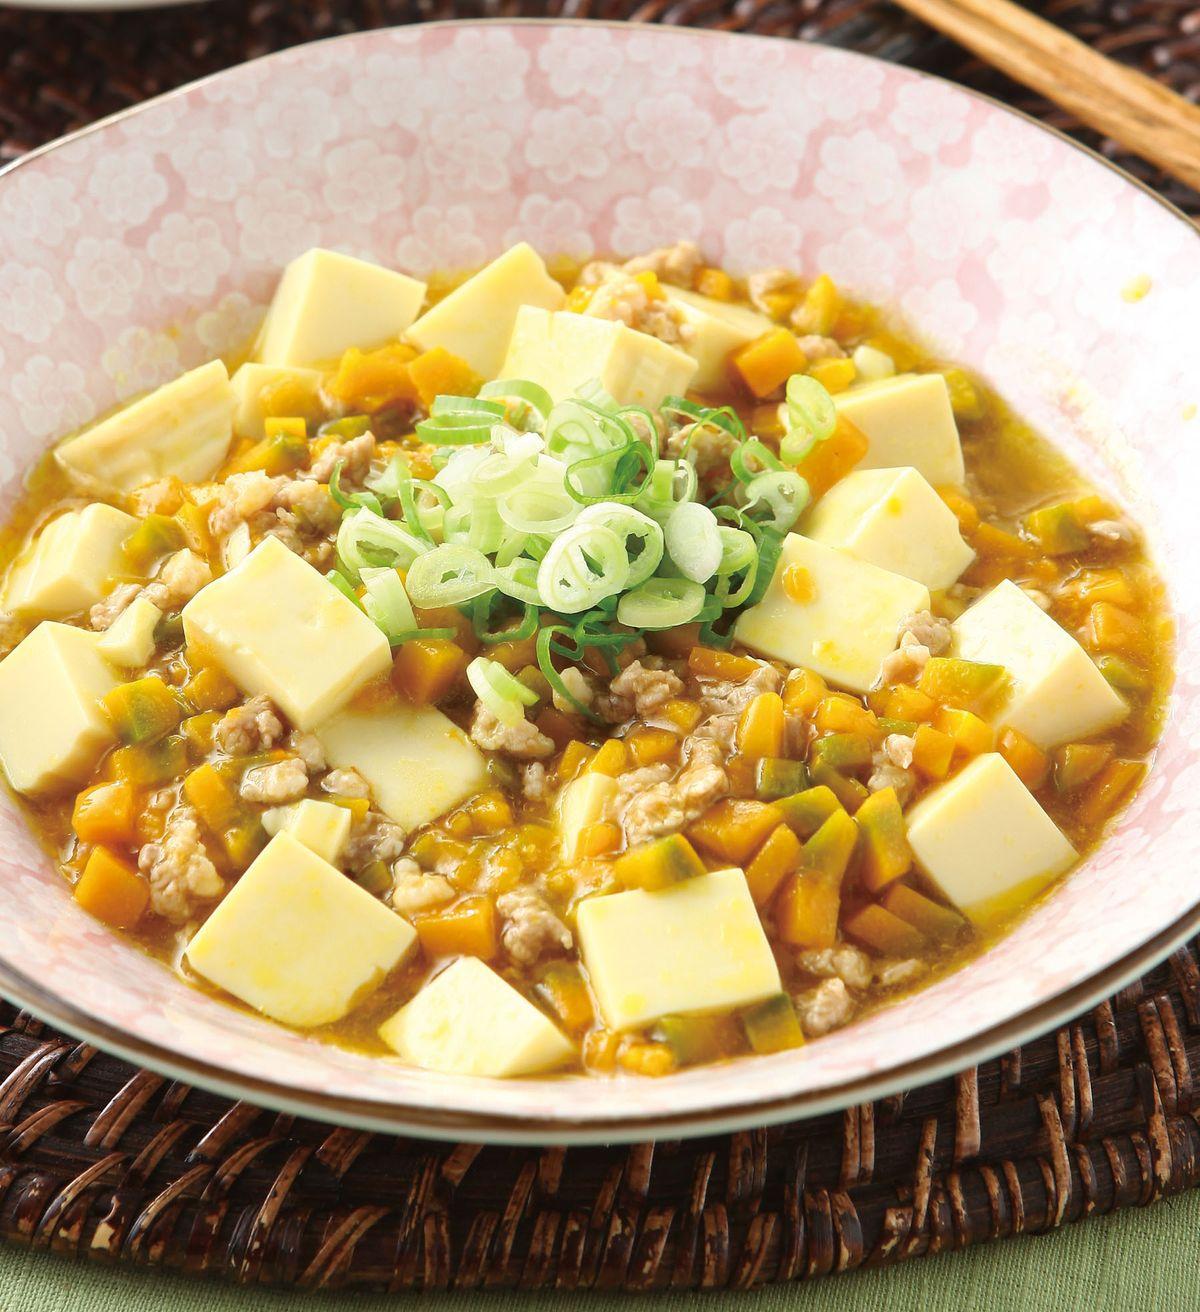 食譜:鮮美南瓜燒豆腐